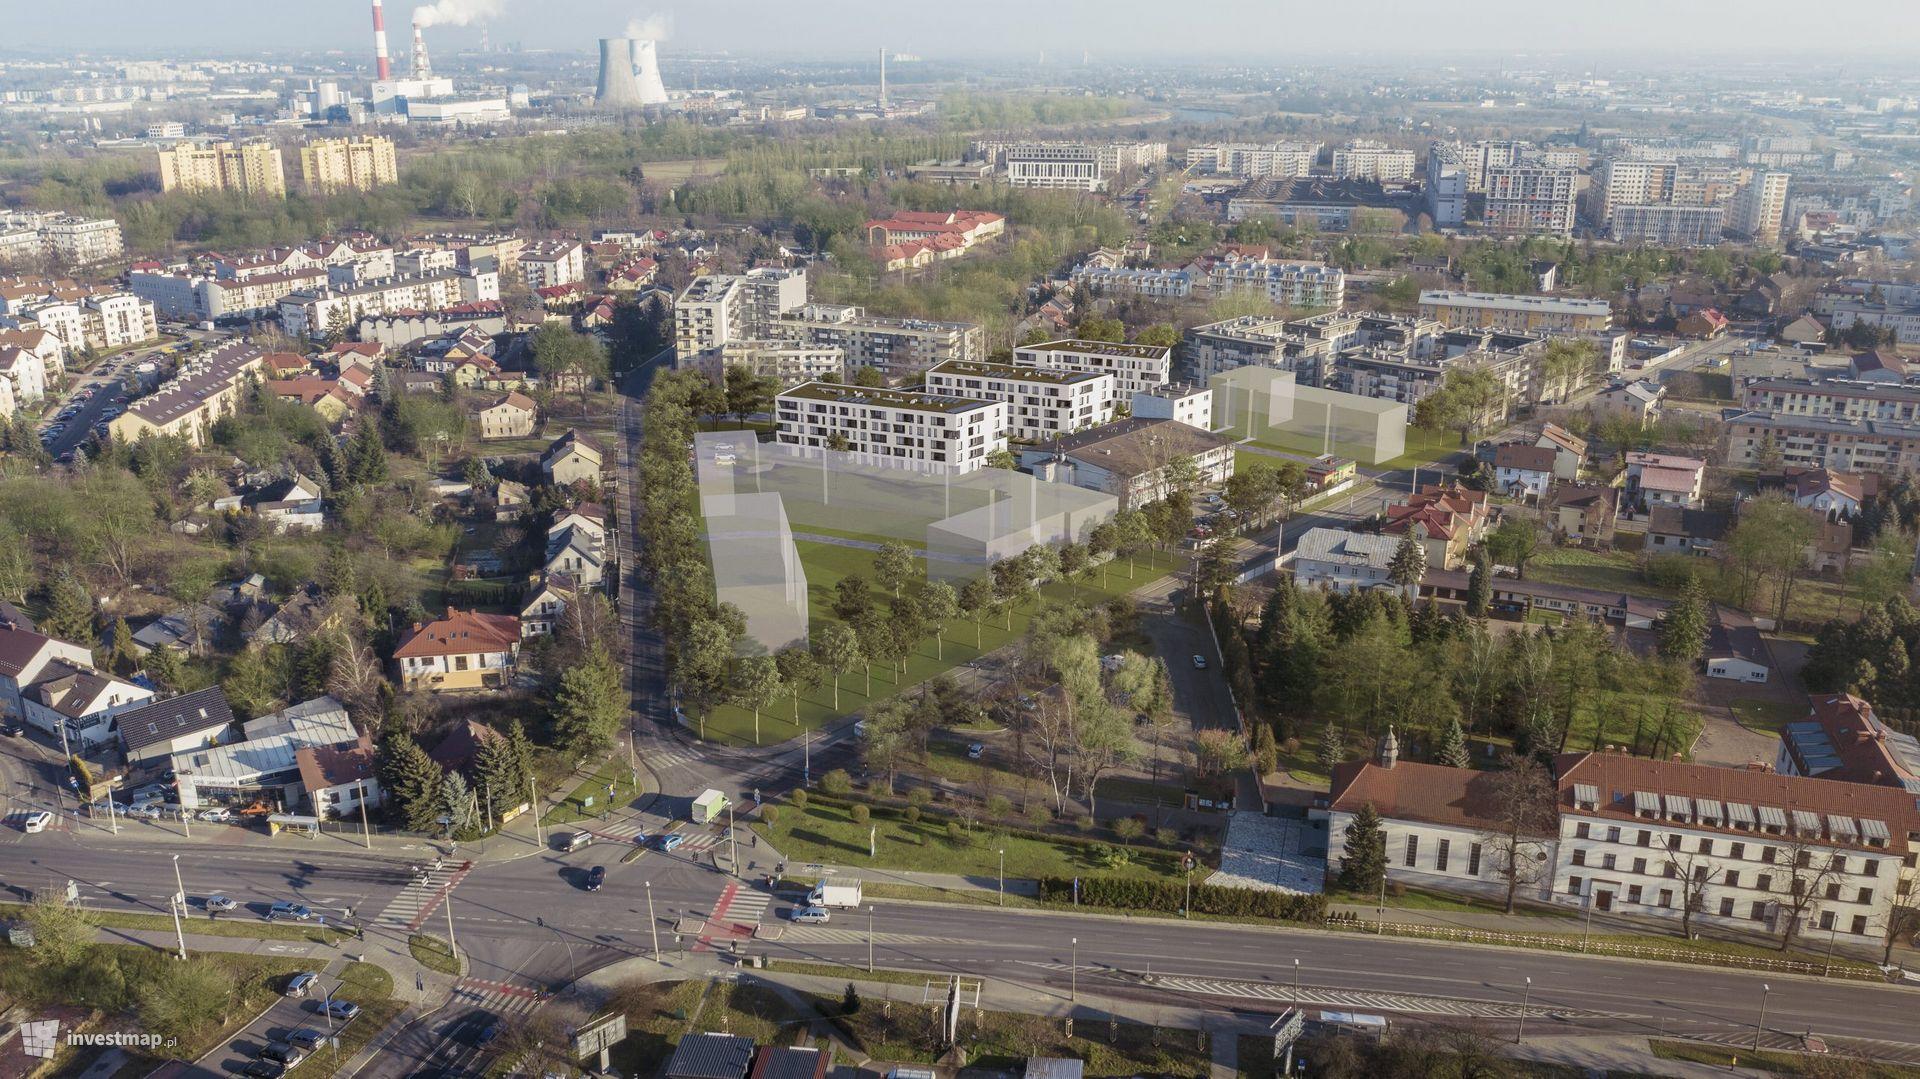 Myśliwska Solar Garden